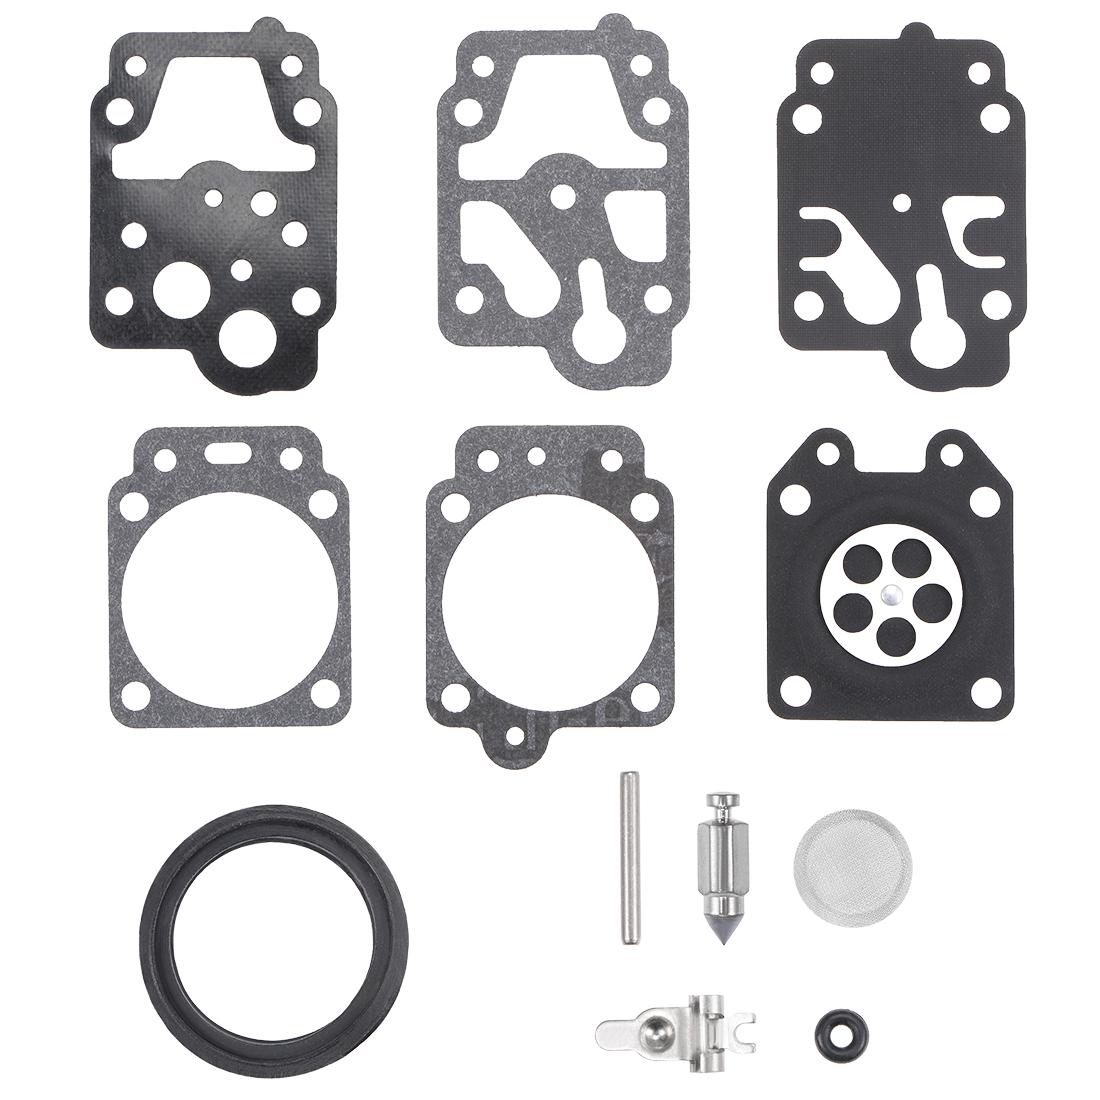 K20-WYJ Carburetor Rebuild Kit for Walbro K10-WYB k20-WYJ D20-WYJ Carb 2pcs